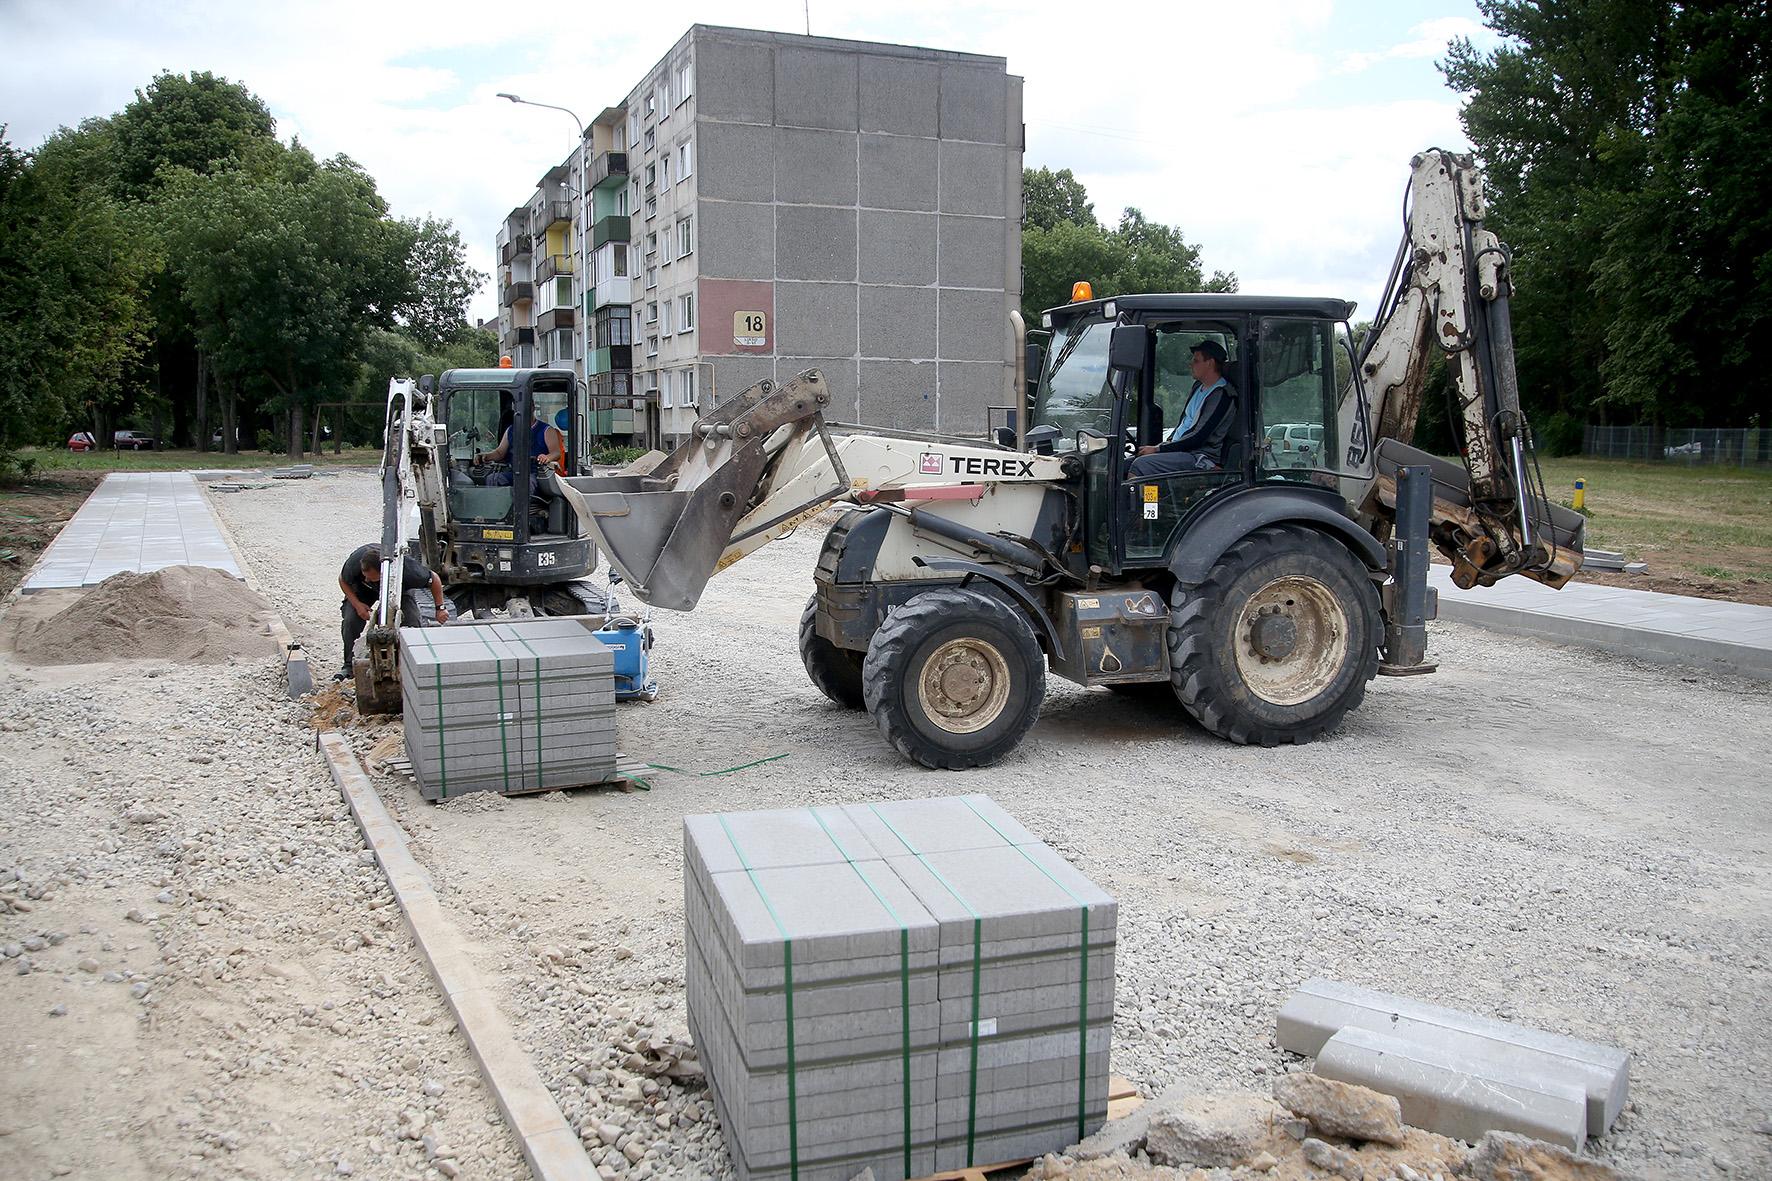 """Įmonė """"Doresta"""" projektus vykdo visoje Lietuvoje, nemažai darbų įmonei patikėta ir Kėdainiuose. Algimanto Barzdžiaus nuotr."""